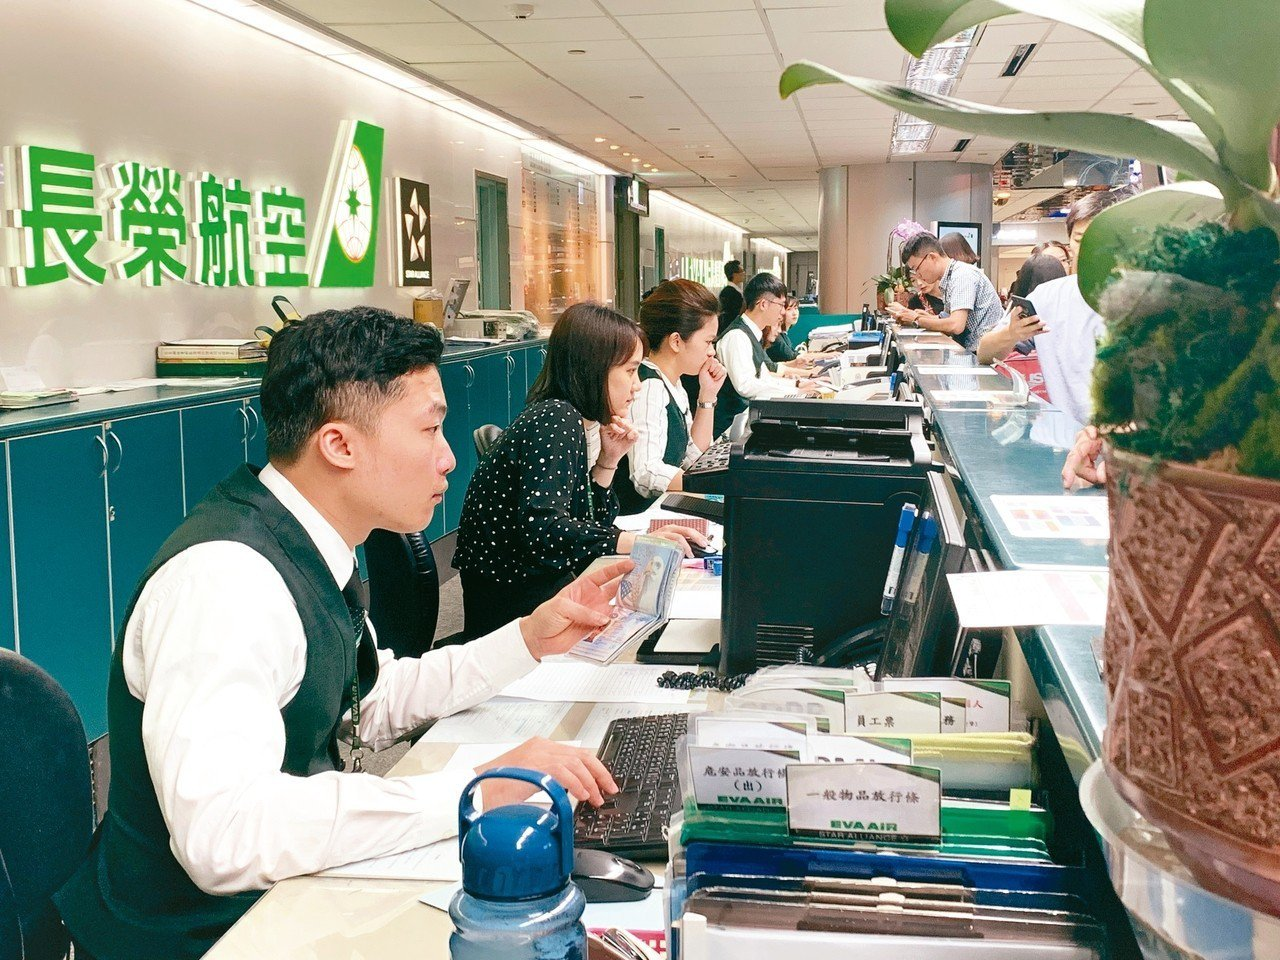 長榮航空票務櫃台忙於幫旅客簽轉機票。 記者陳嘉寧/攝影